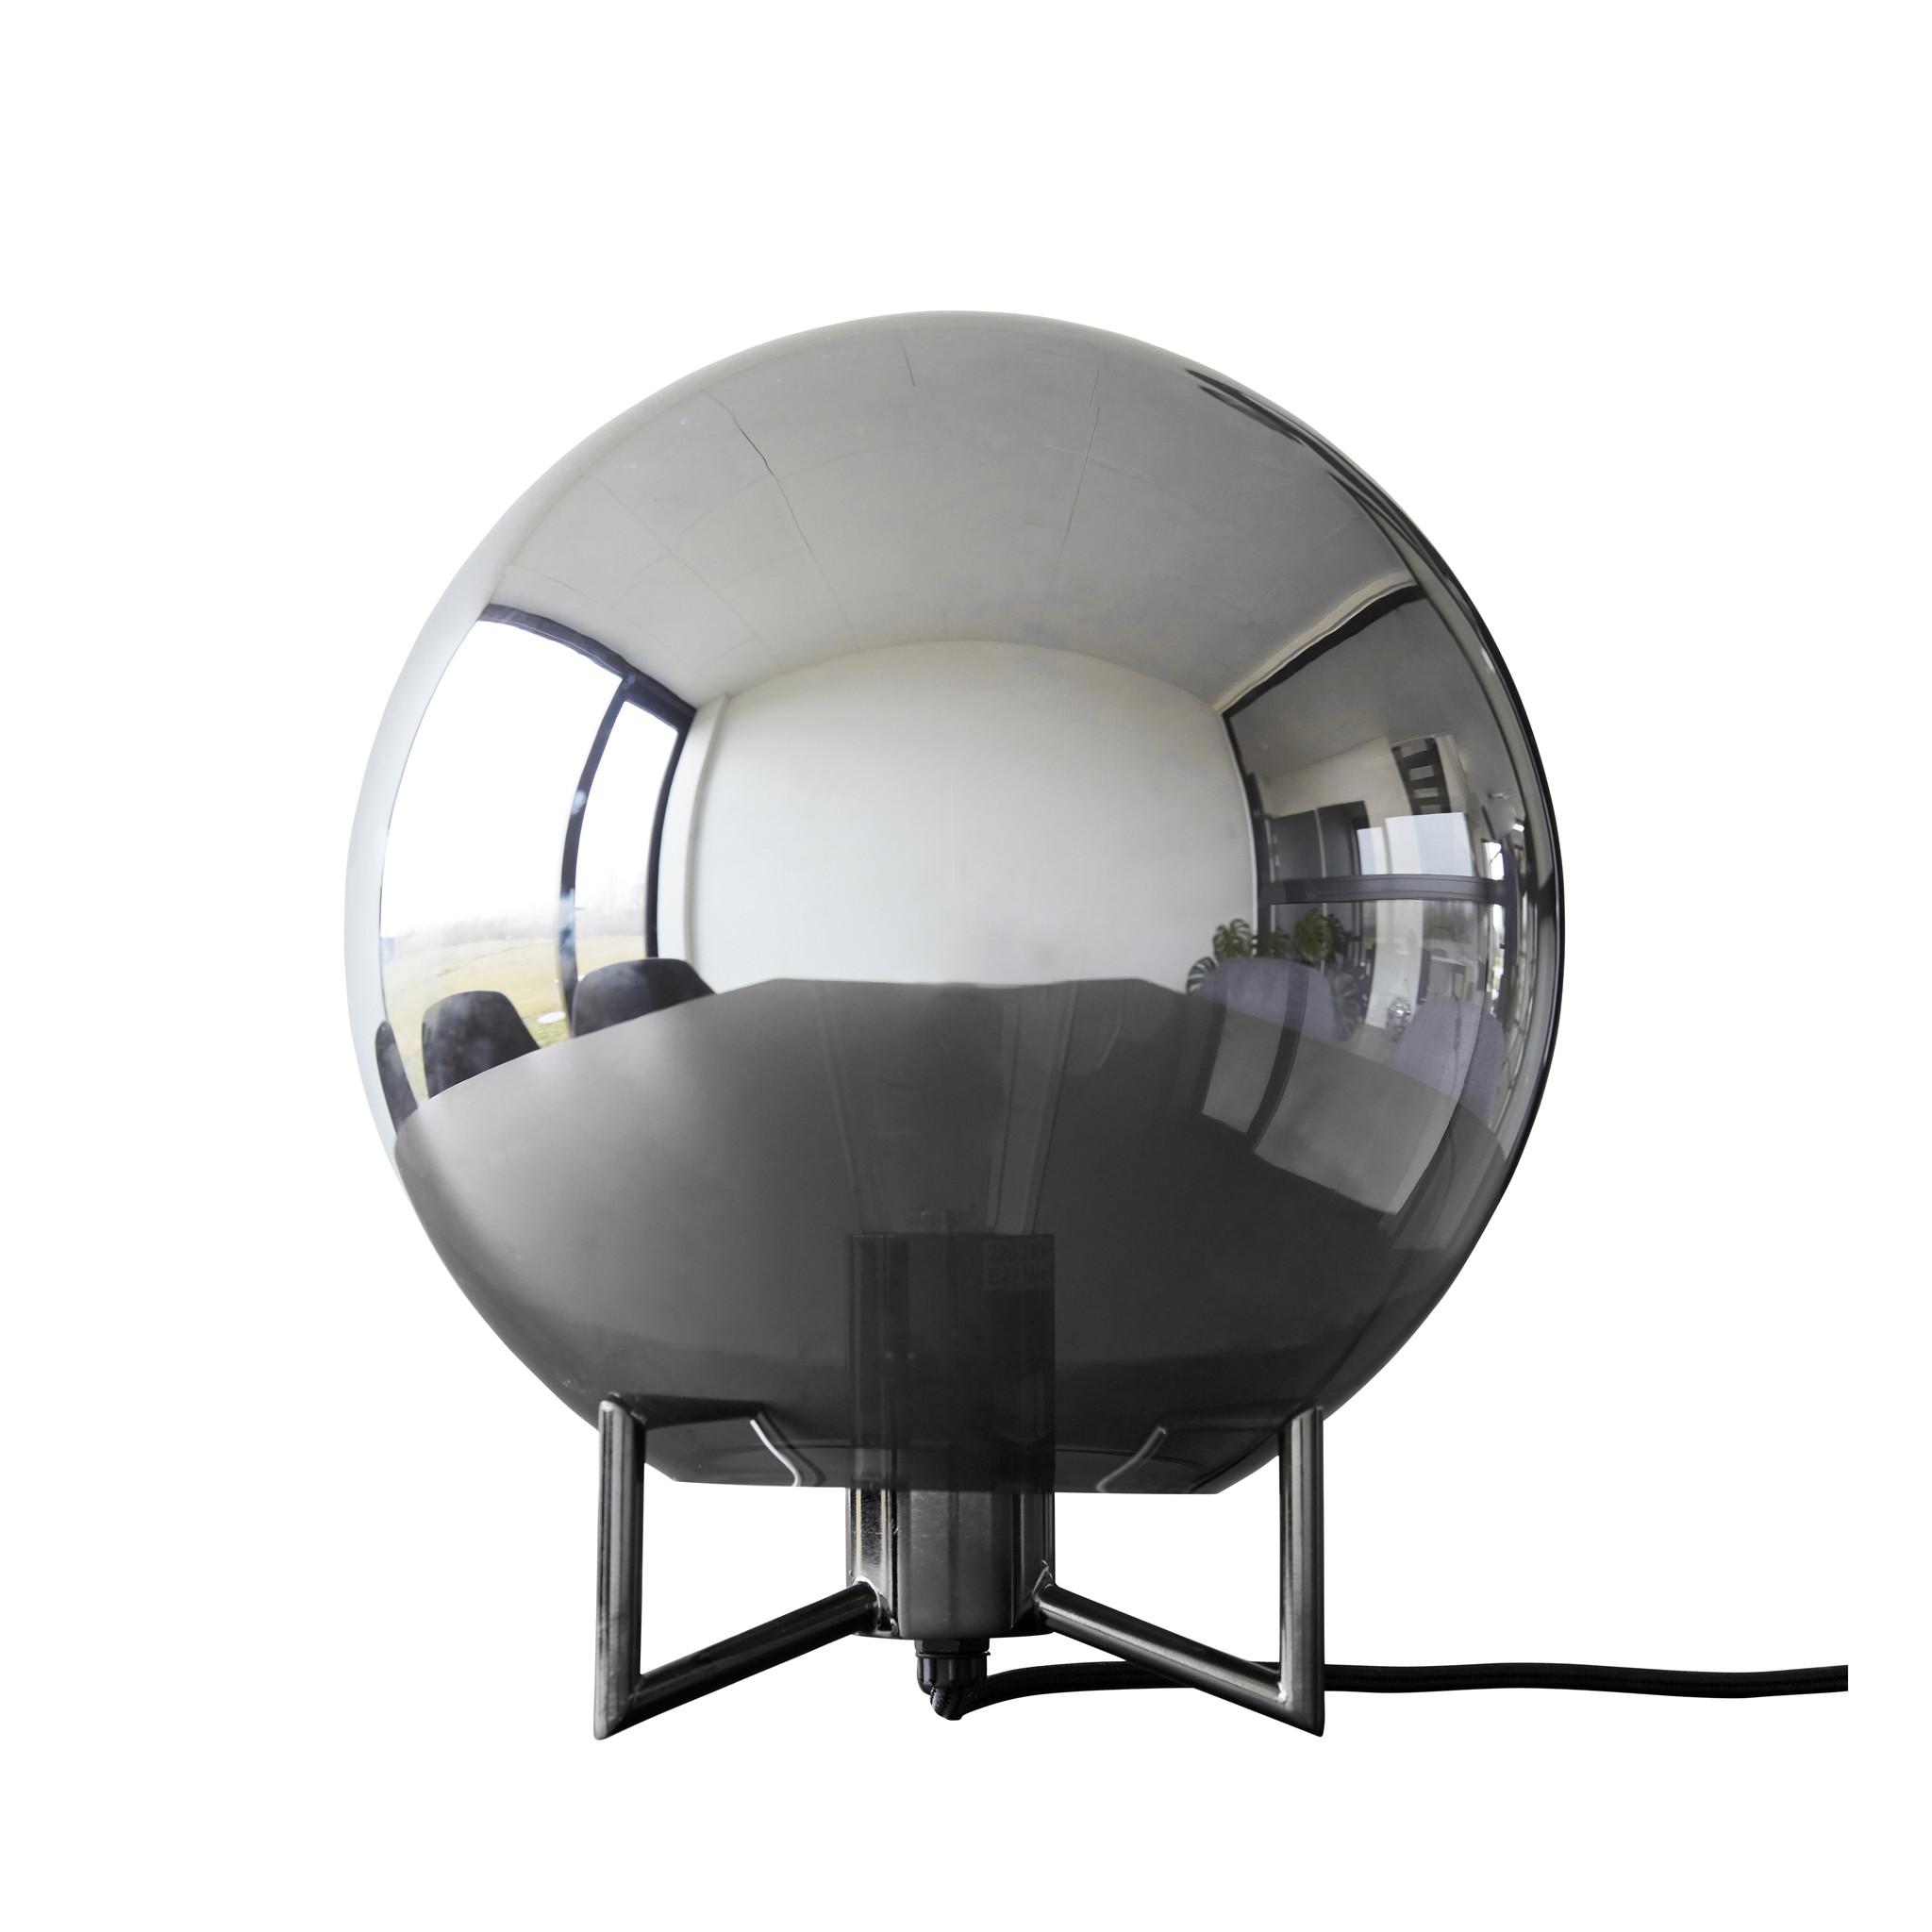 Hubsch Tafellamp, metaal / glas, gerookt / grijs